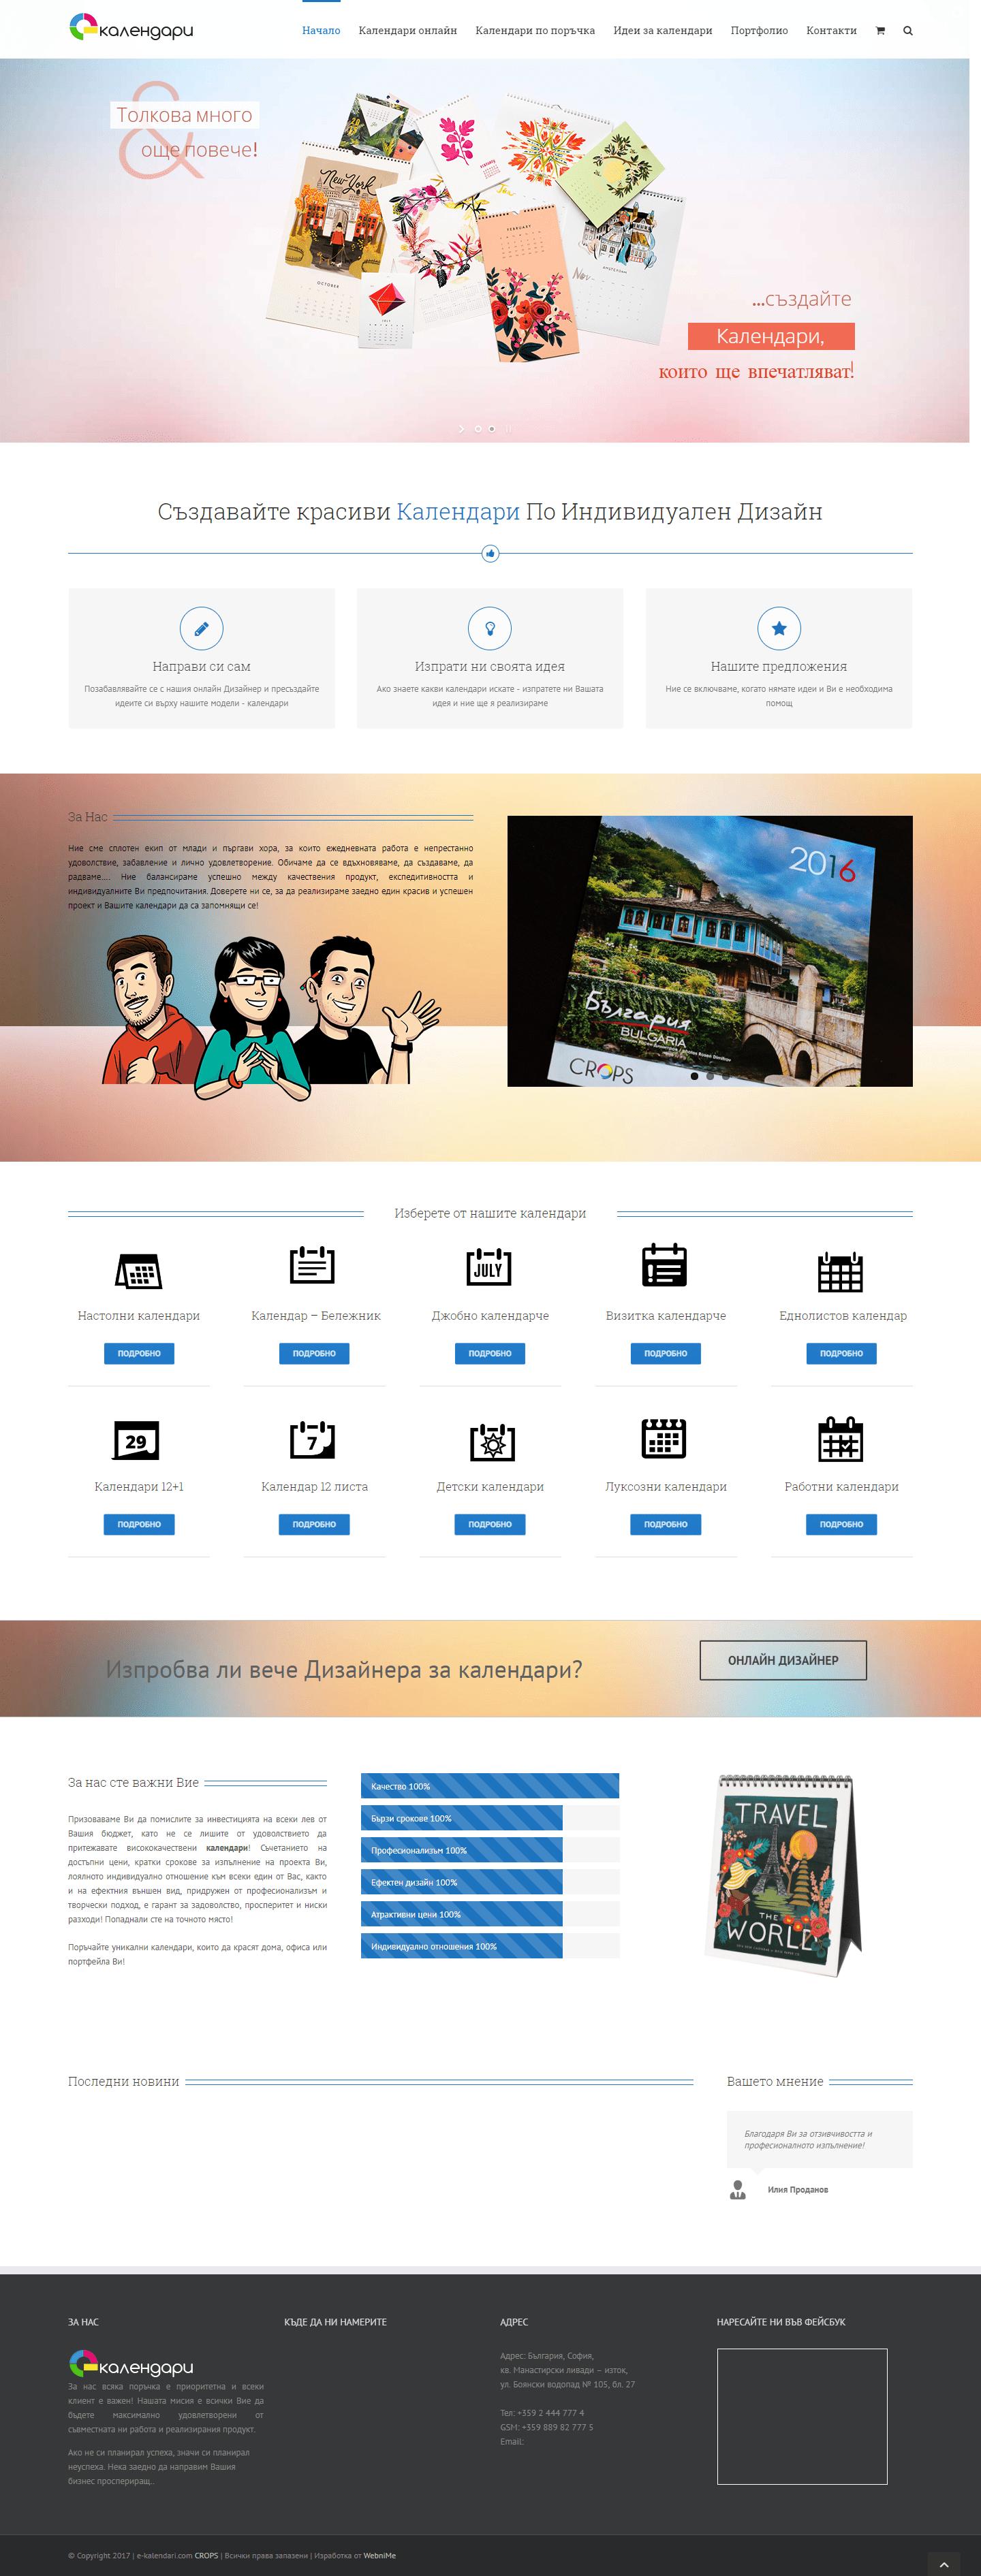 Web sajt za izradu kalendara